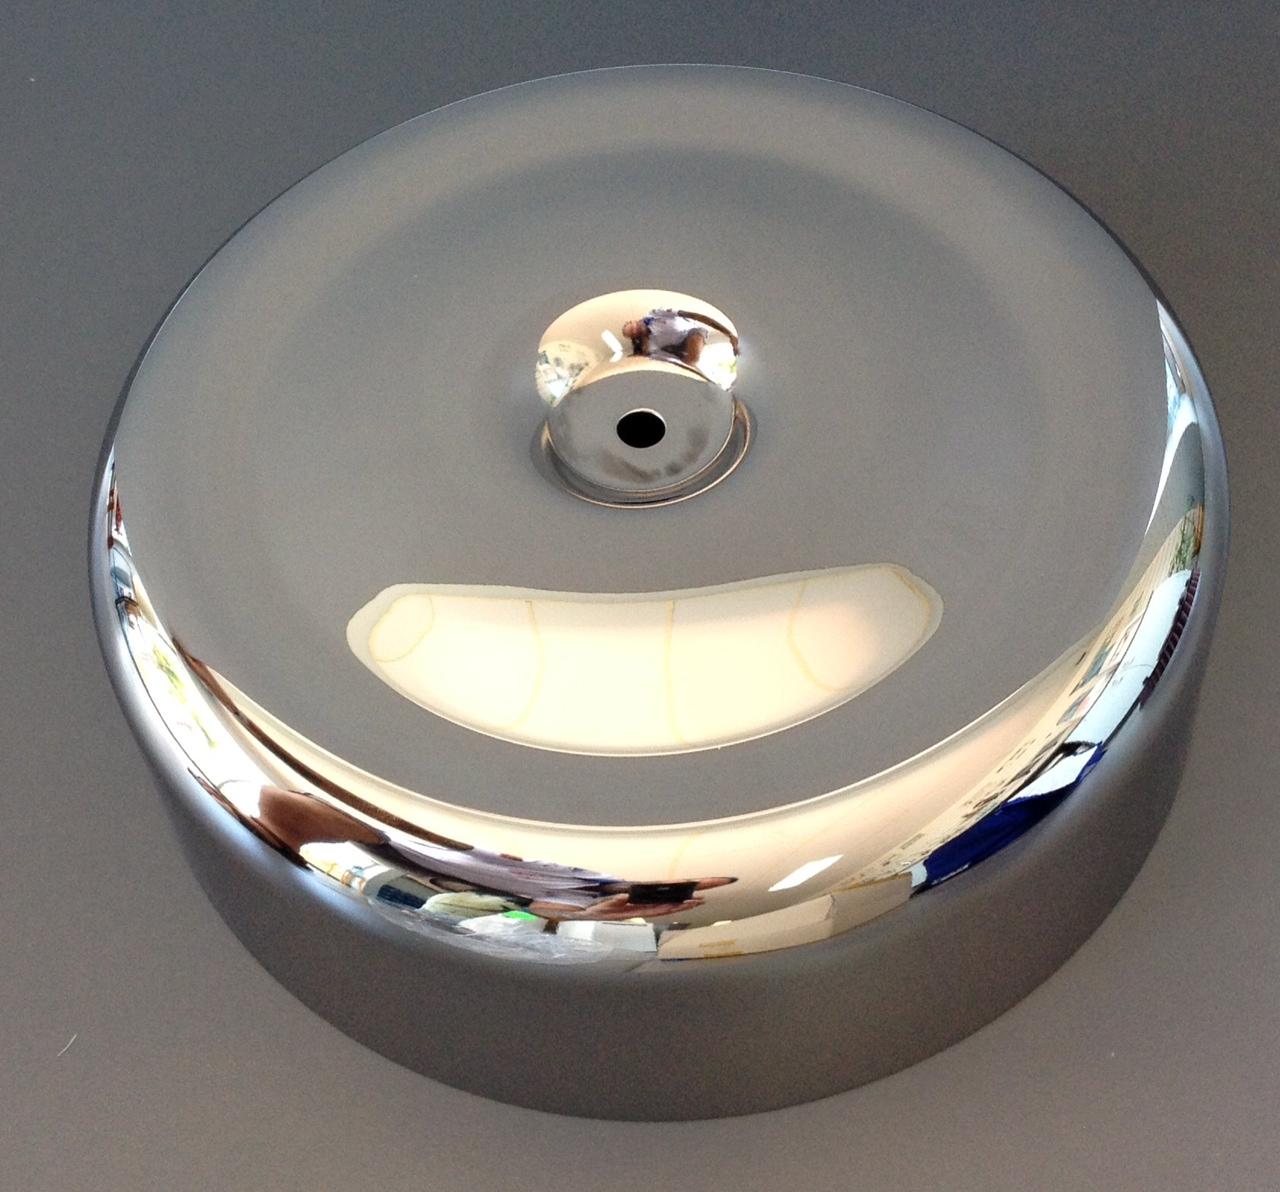 Mikuni Air Cleaner : Hs chrome air cleaner cover with cutouts mikunioz